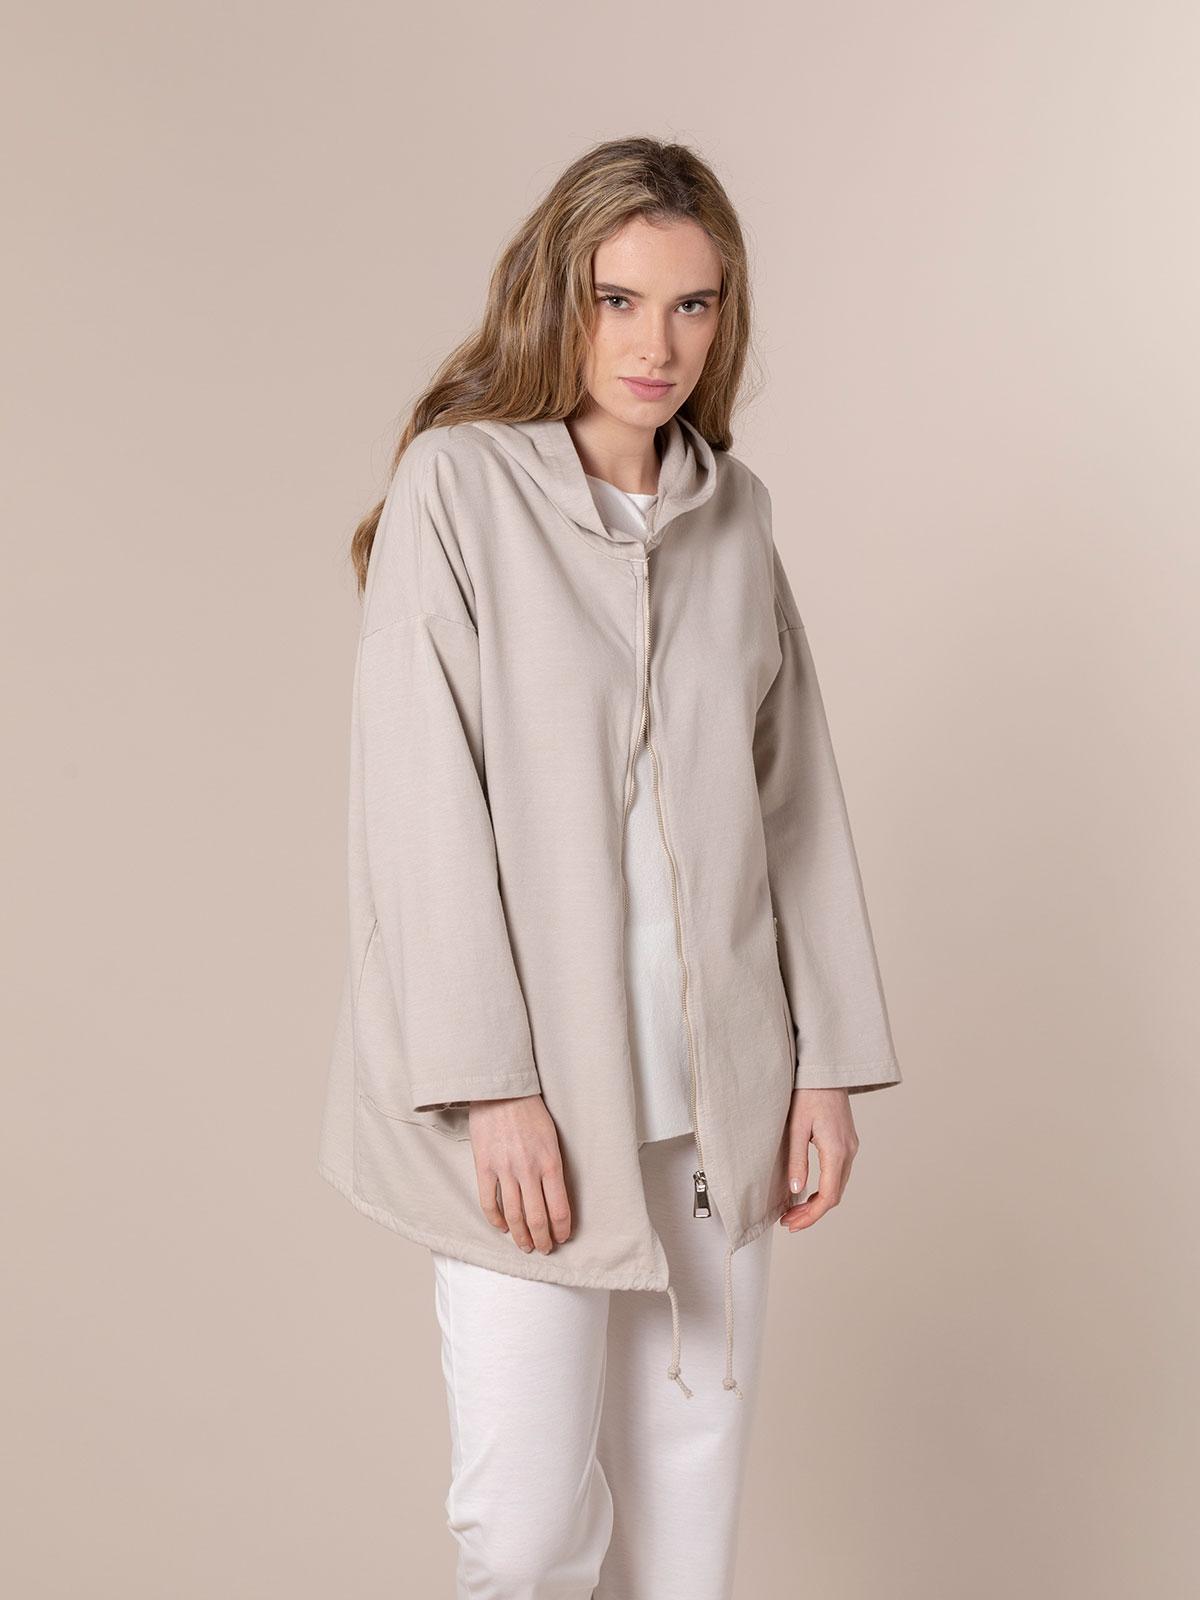 Woman Zip-up sweatshirt with pockets Beige